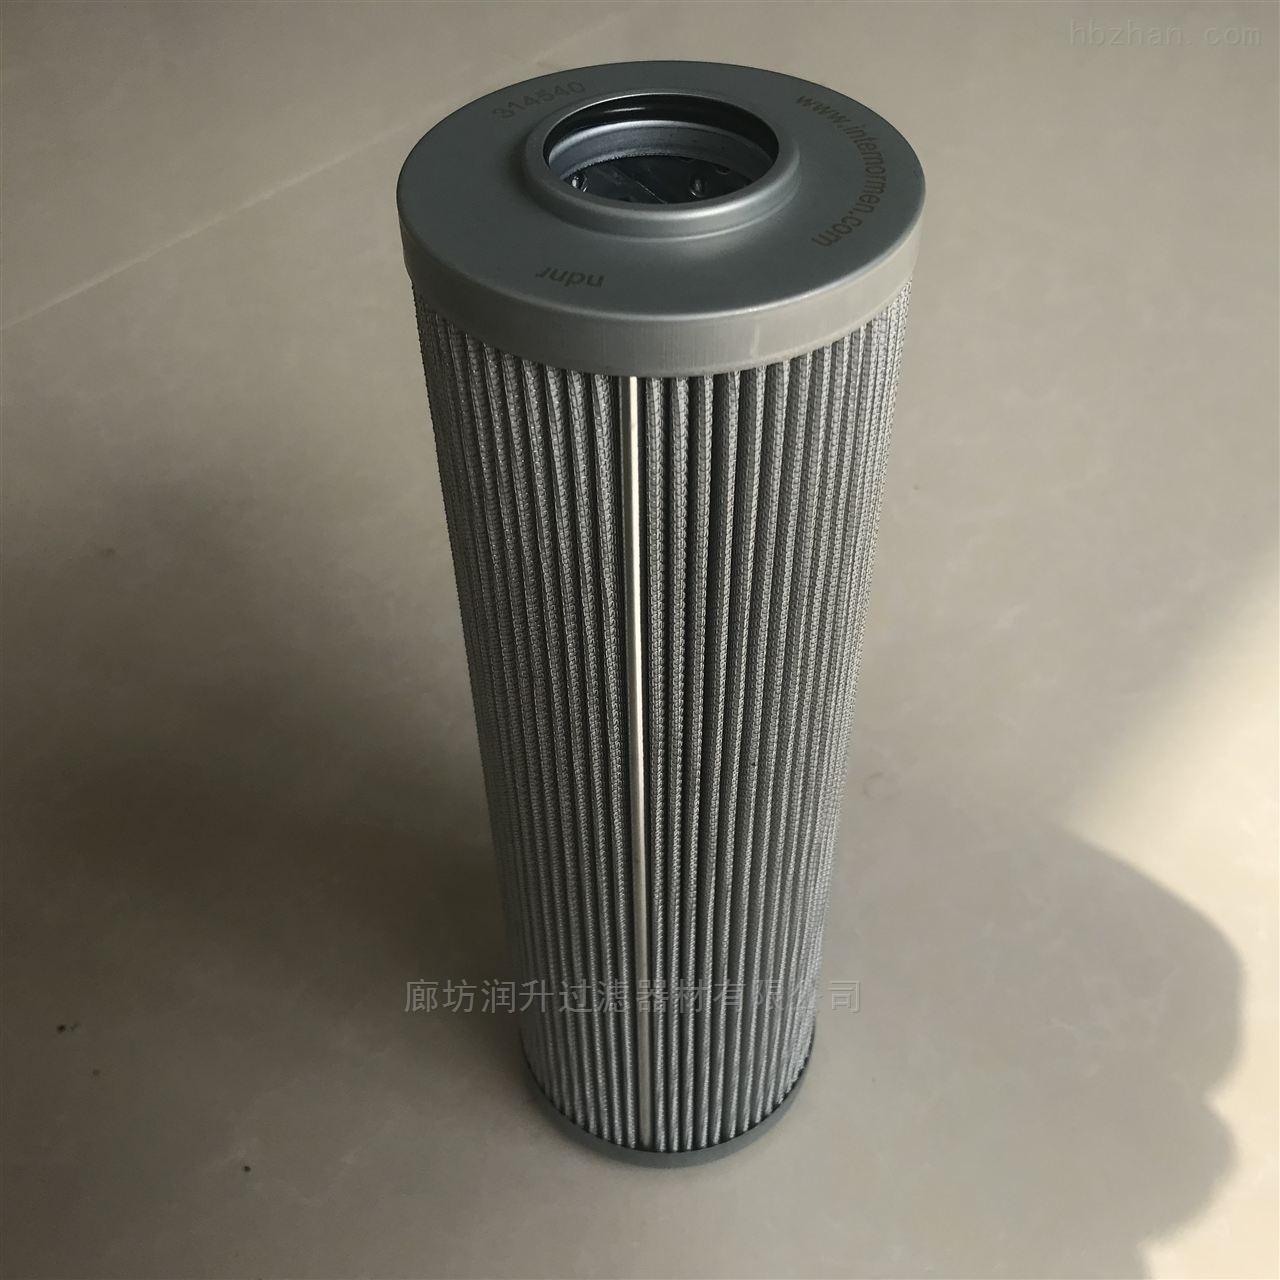 朝阳化工厂水滤芯厂家价格